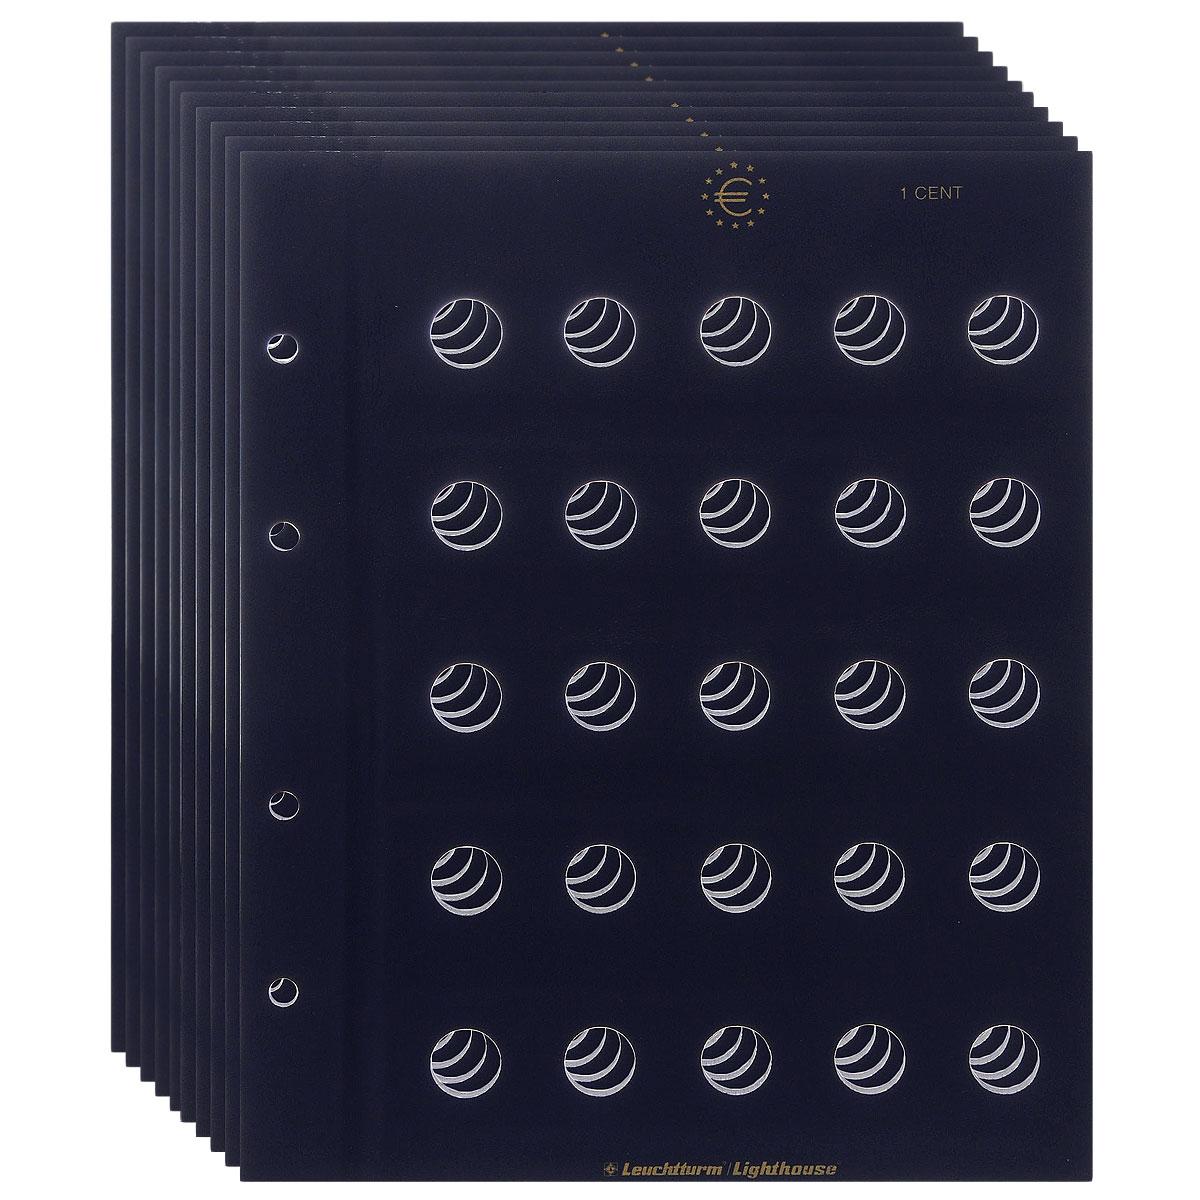 Лист MBLEU1CT, в альбом VISTA, для монет номиналом 1 евроцент, на 25 ячеек. Производство Leuchtturm (5 листов в упаковке)971795Характеристики: Размер листа: 24,5 см х 27 см Количество листов в упаковке: 5